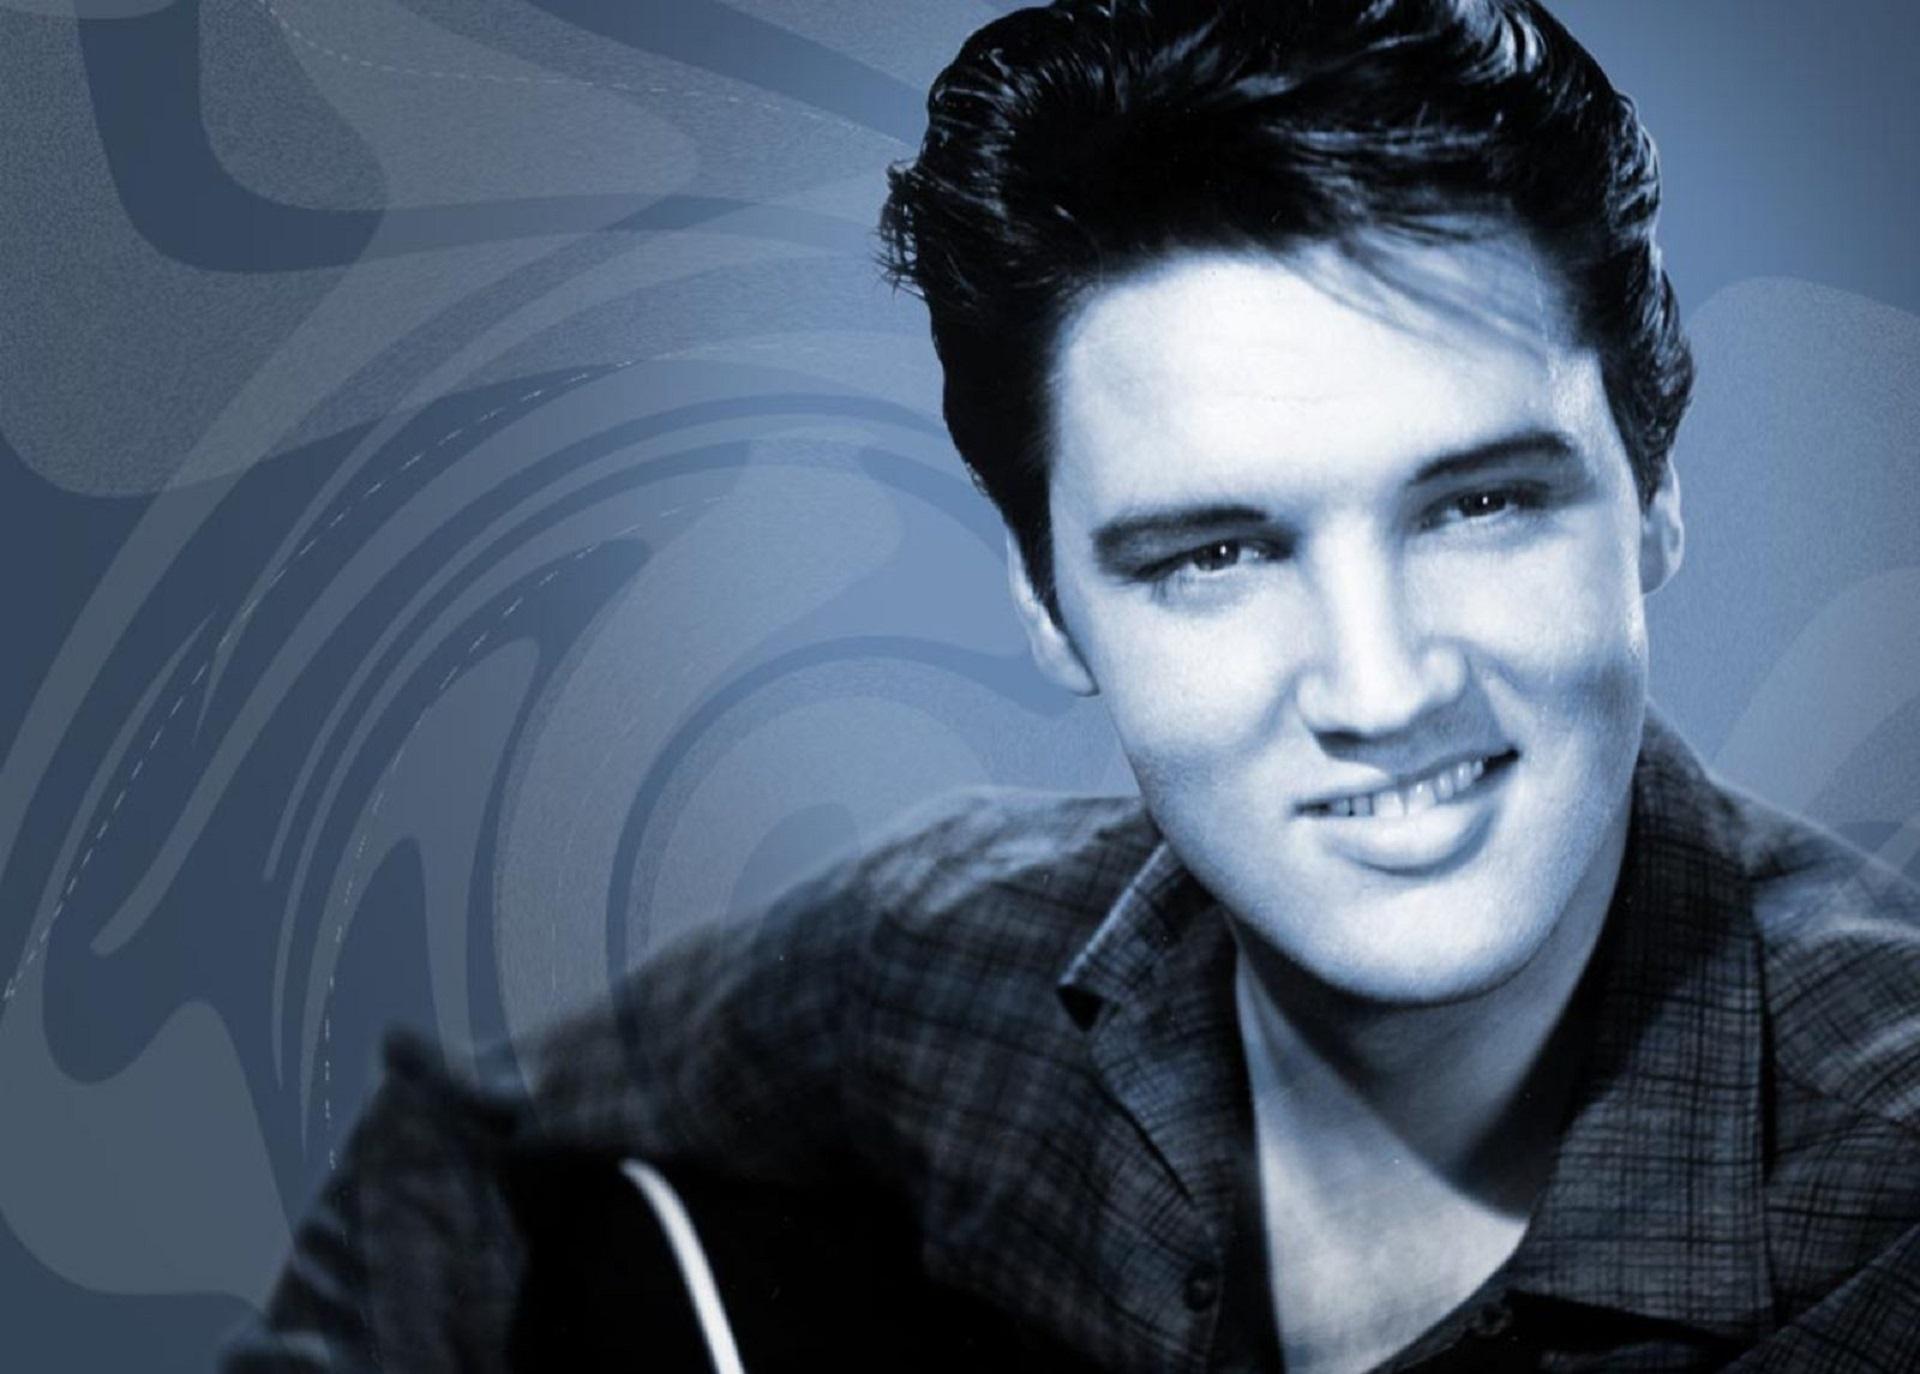 Elvis Presley Wallpapers Hd